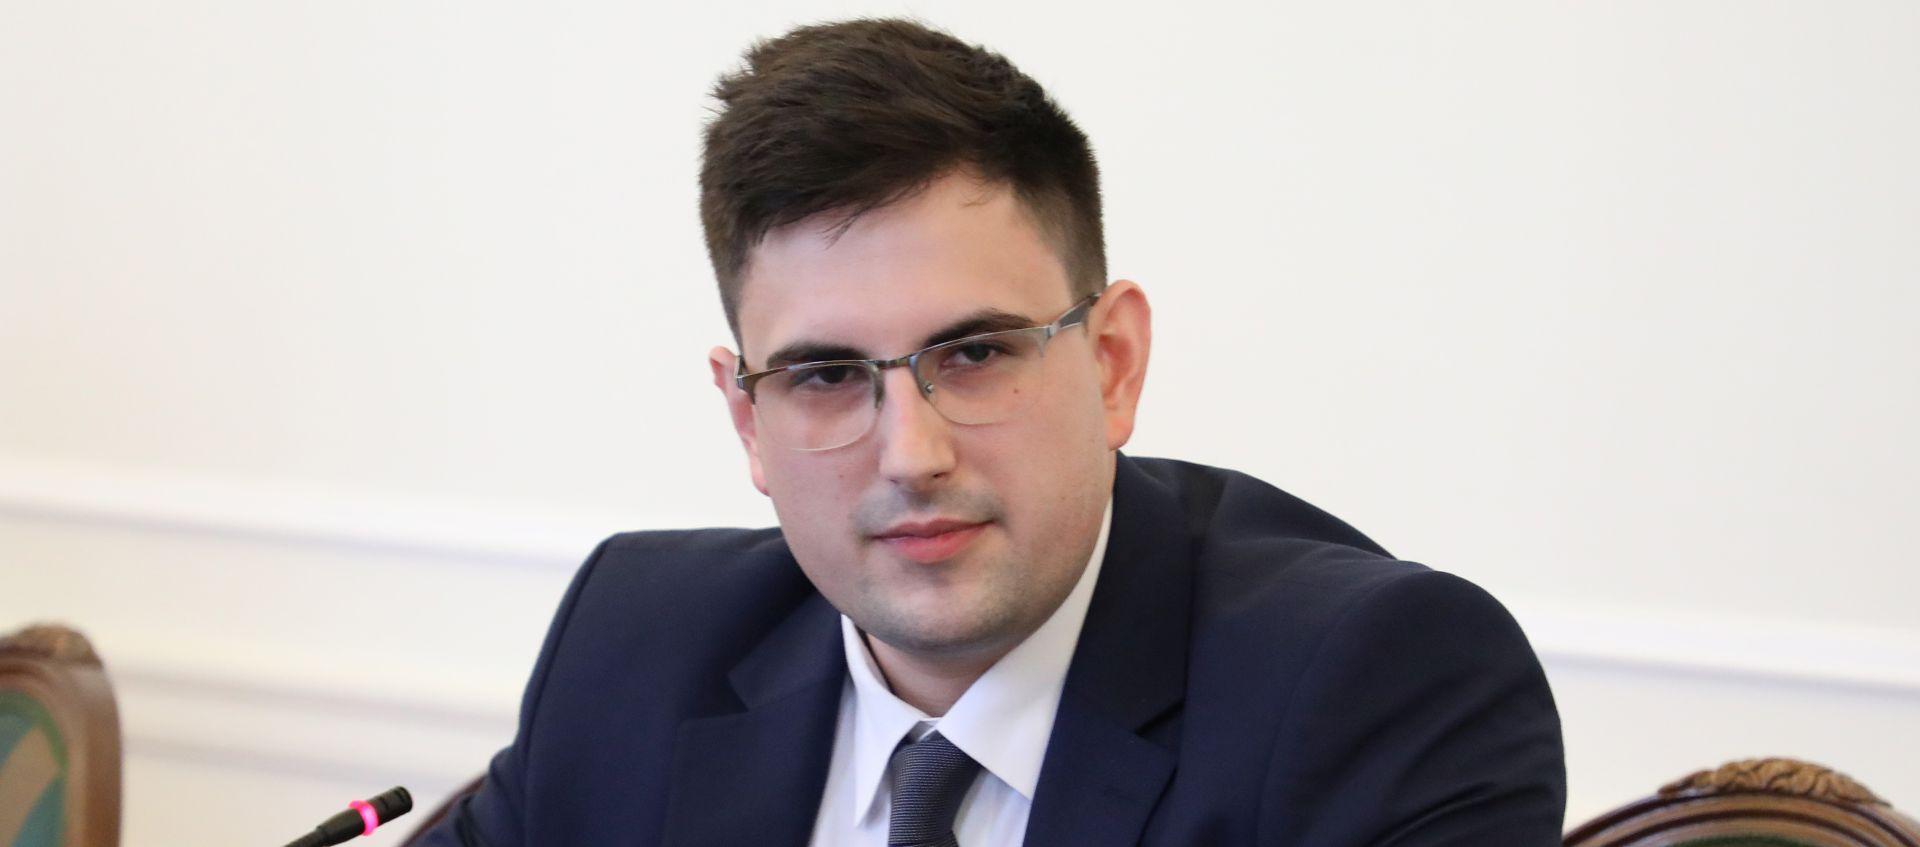 Novi glasnogovornik Vlade RH Marko Milić